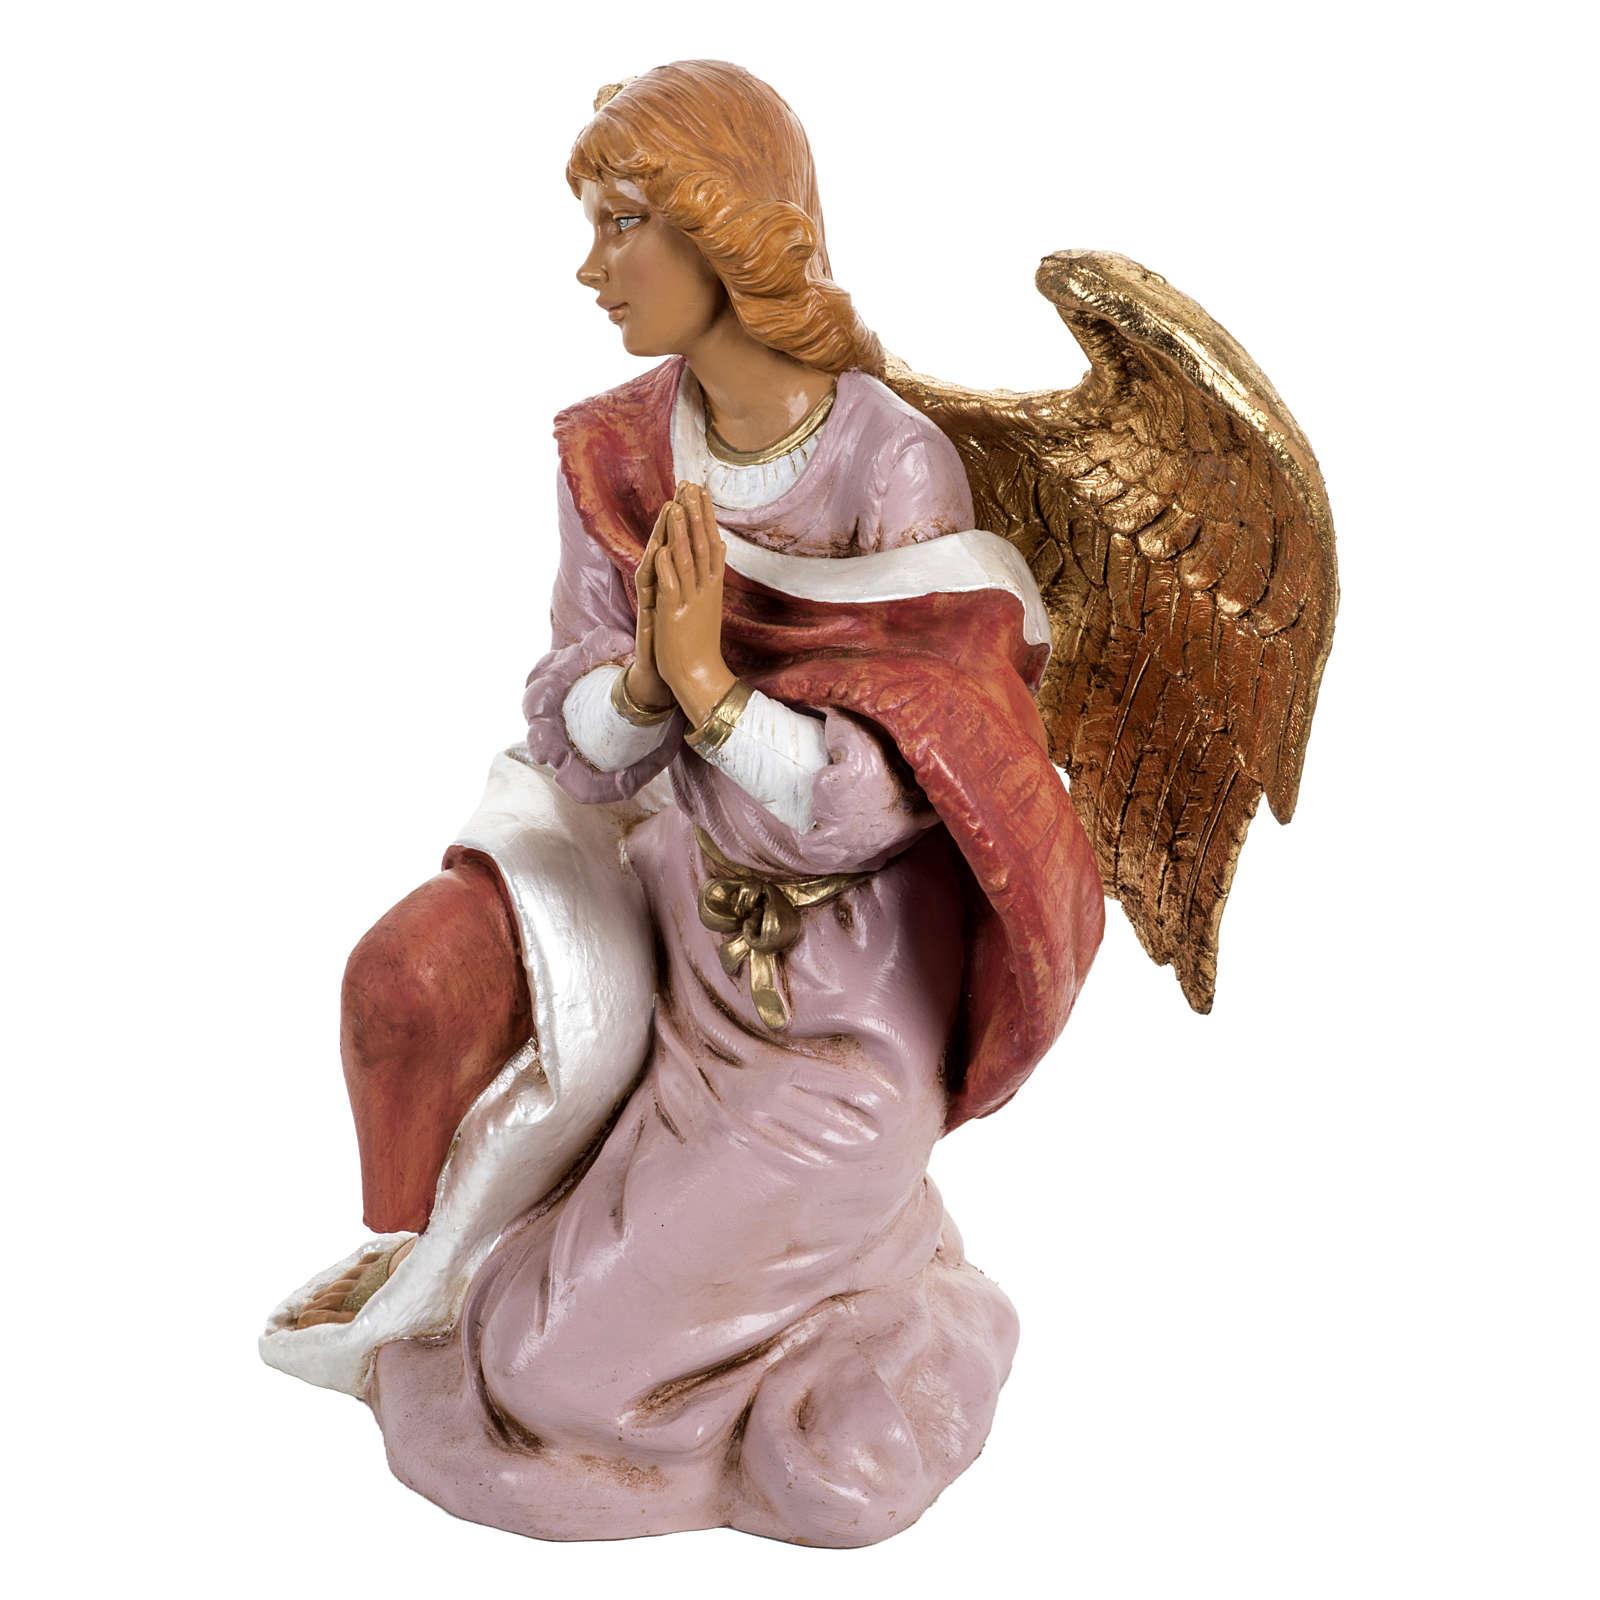 Anioł klęczący 45 cm szopka Fontanini 3